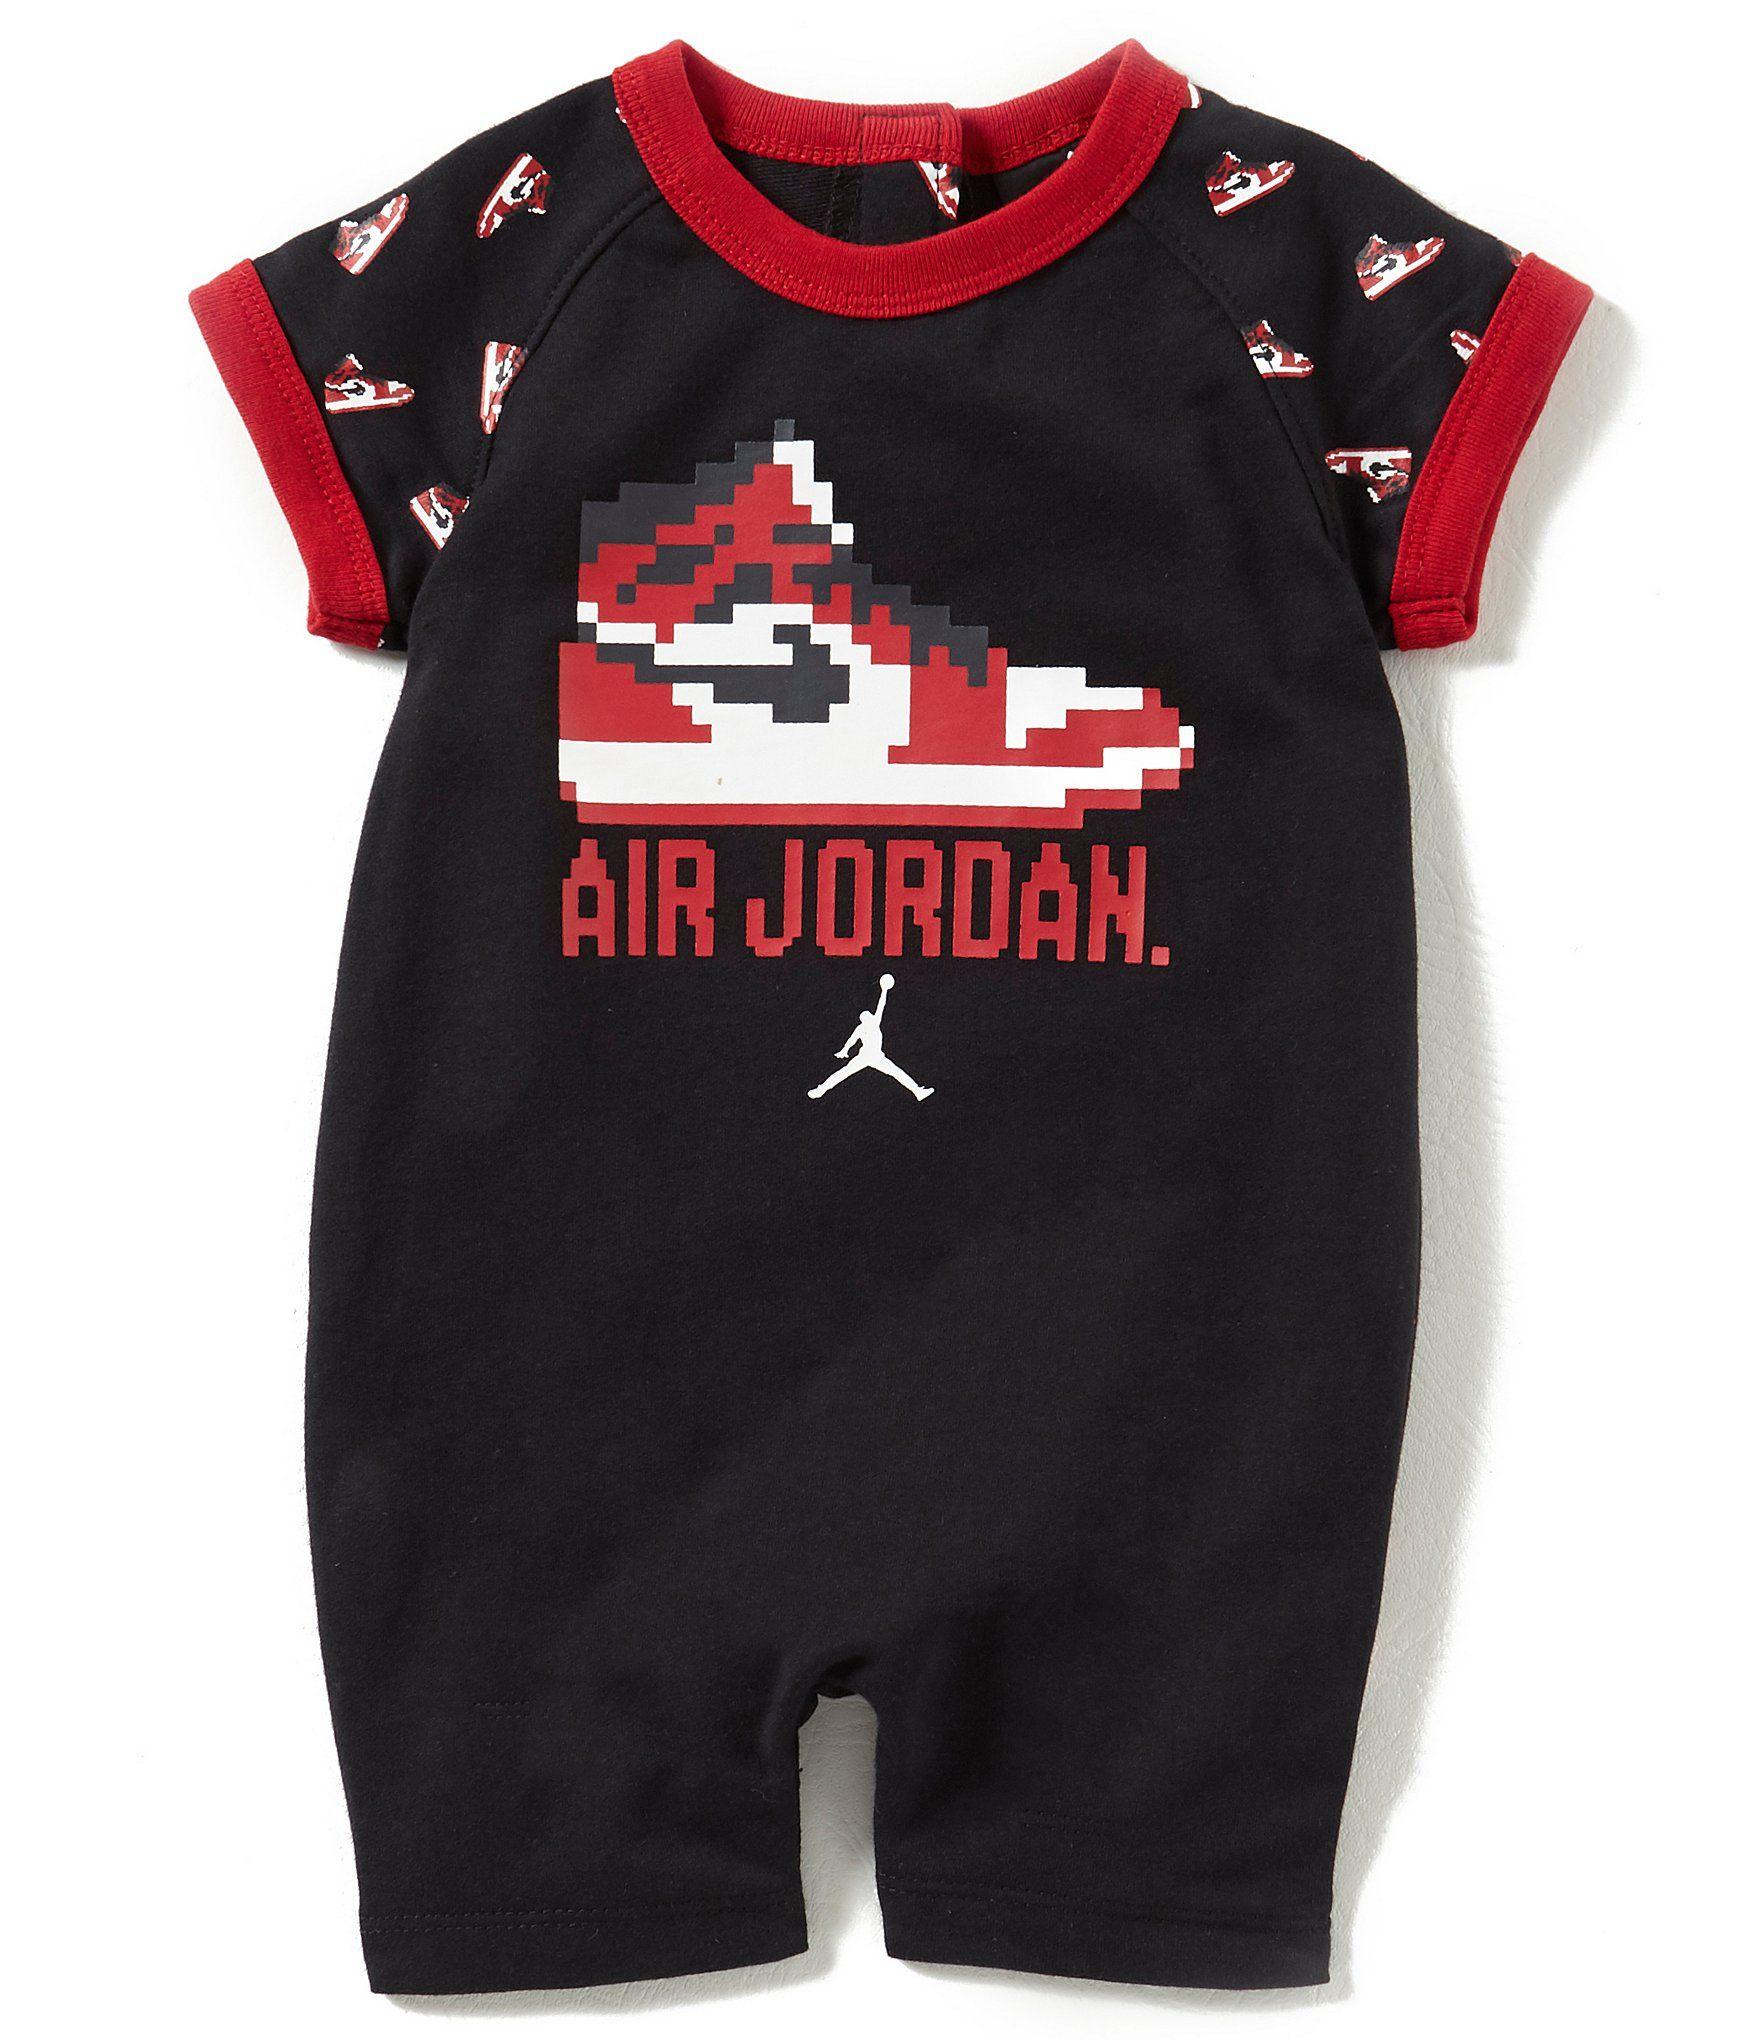 brand new 932d4 2276e Jordan Baby Boys Newborn12 Months Game Changer Shortall  Dillards